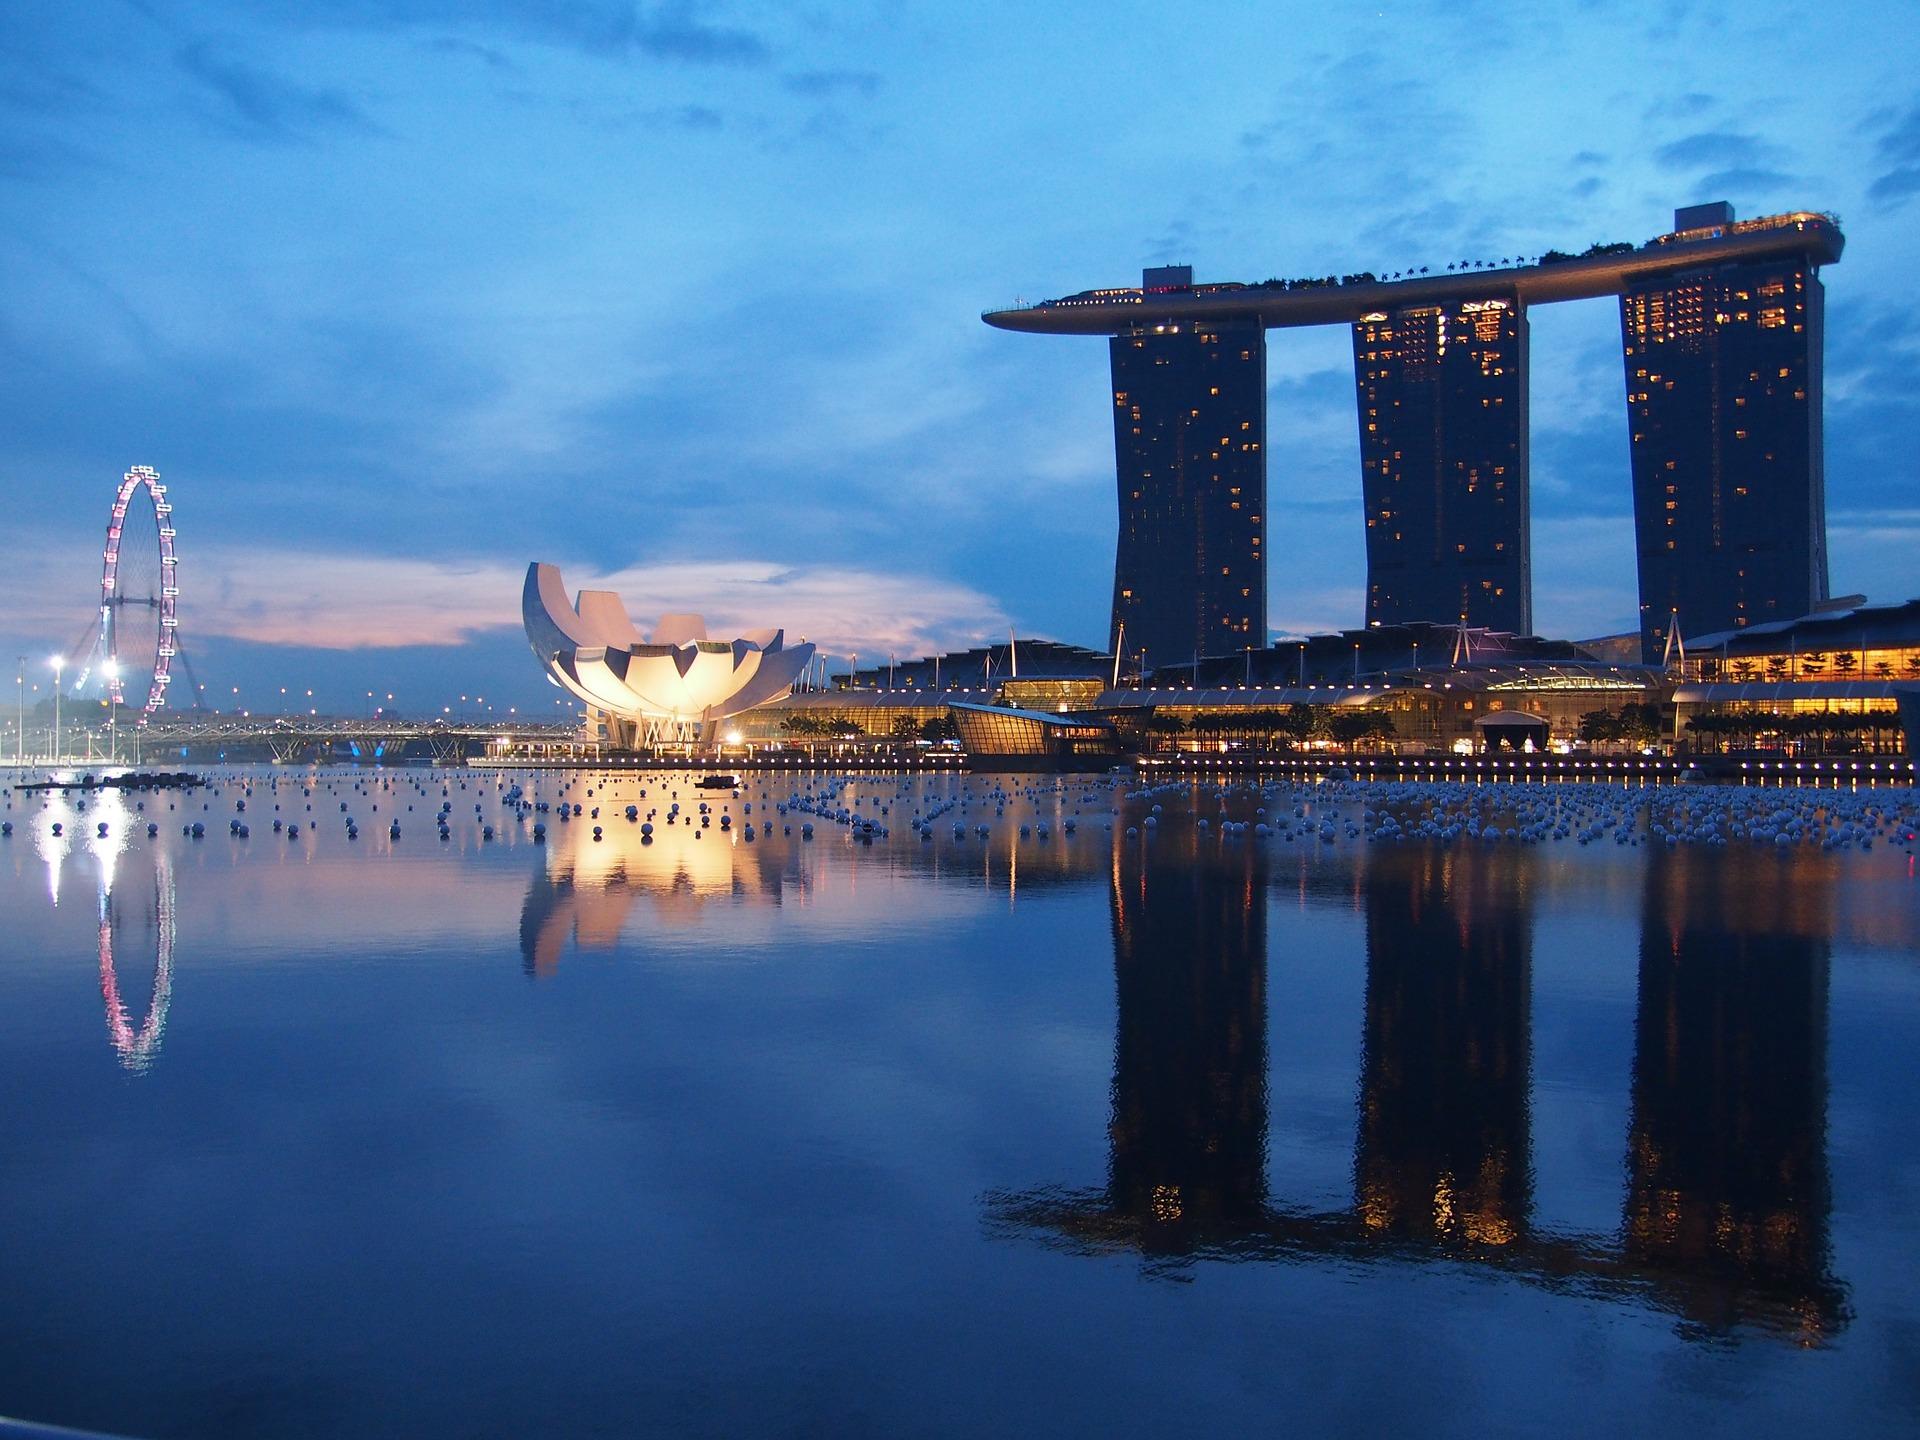 singapore-1429010_1920.jpg